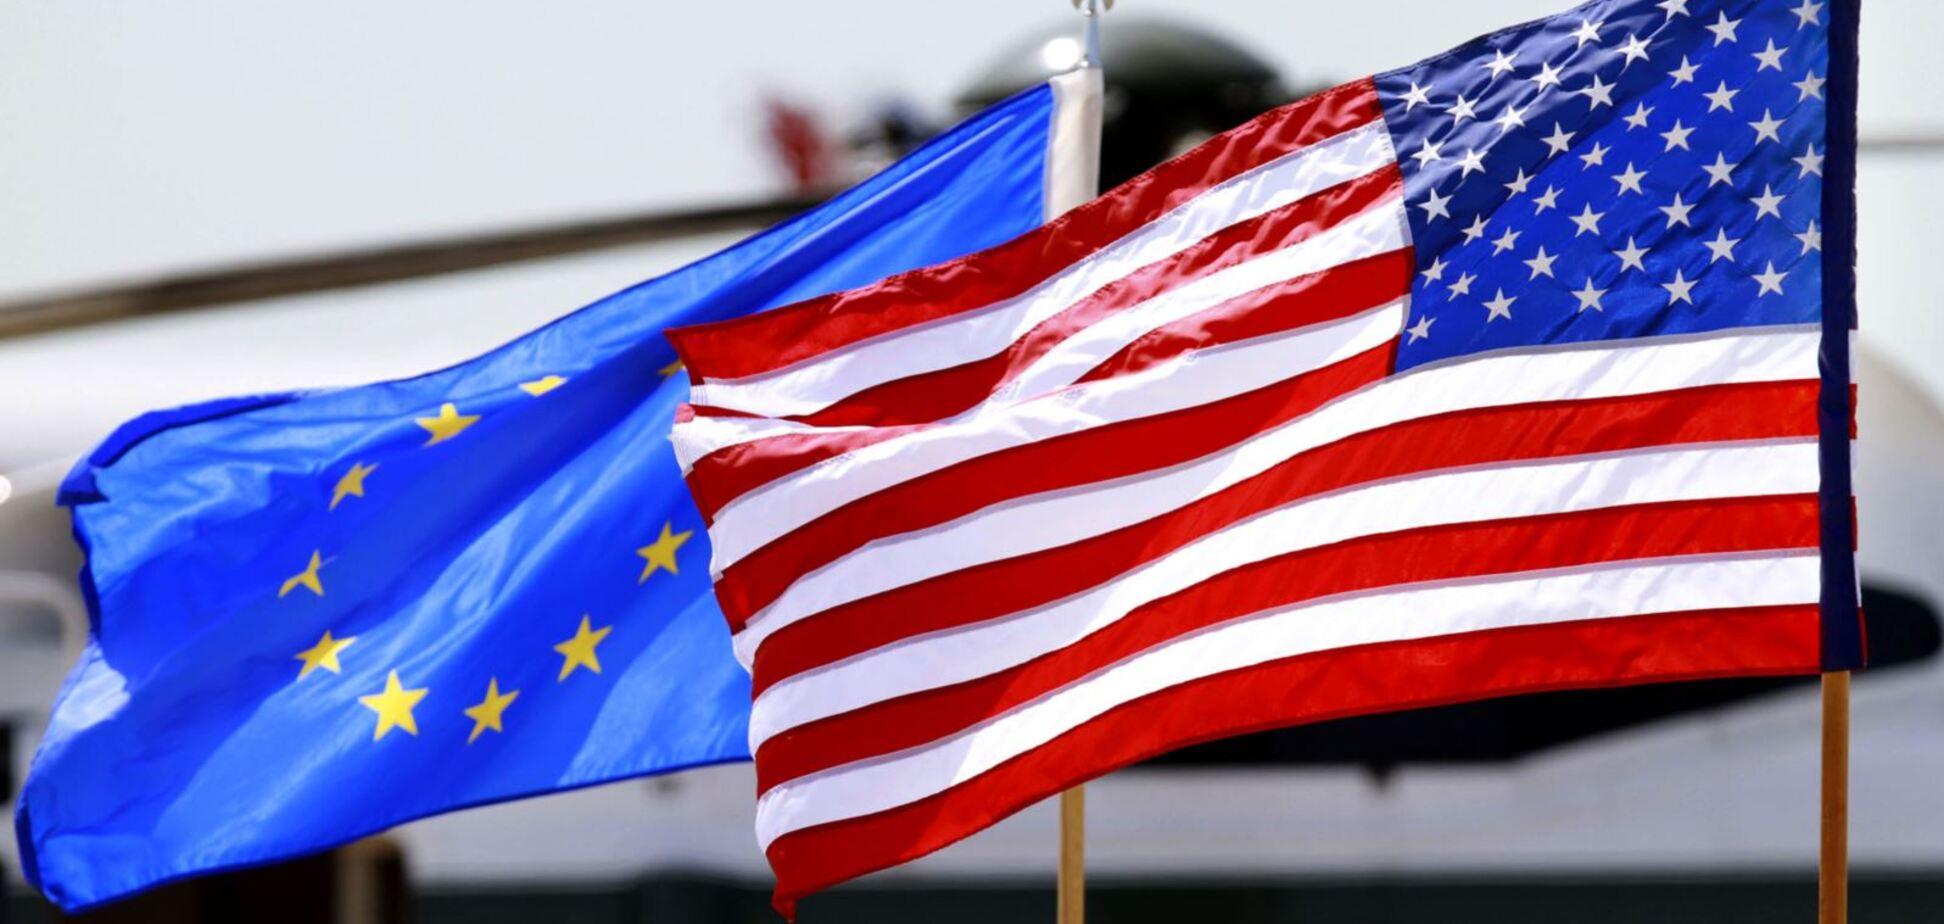 США и ЕС призвали Россию уйти с Донбасса. Источник: Голос Америки